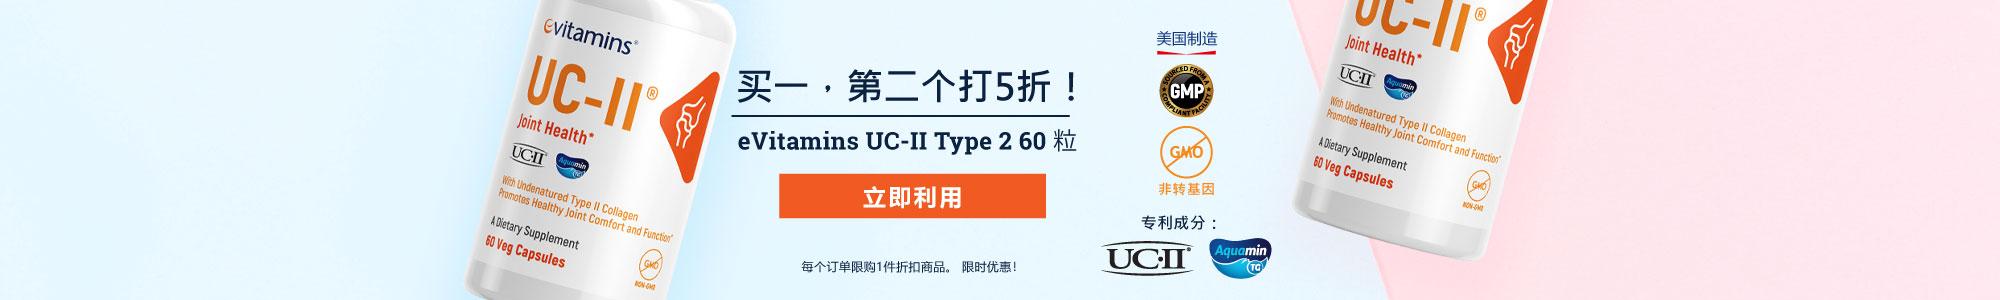 买一,第二个打5折! eVitamins UC-II Type 2 60 粒 立即利用! 美国制造 非转基因 专利成分: UC-II,  Aquamin. 每个订单限购1件折扣商品。 限时优惠!